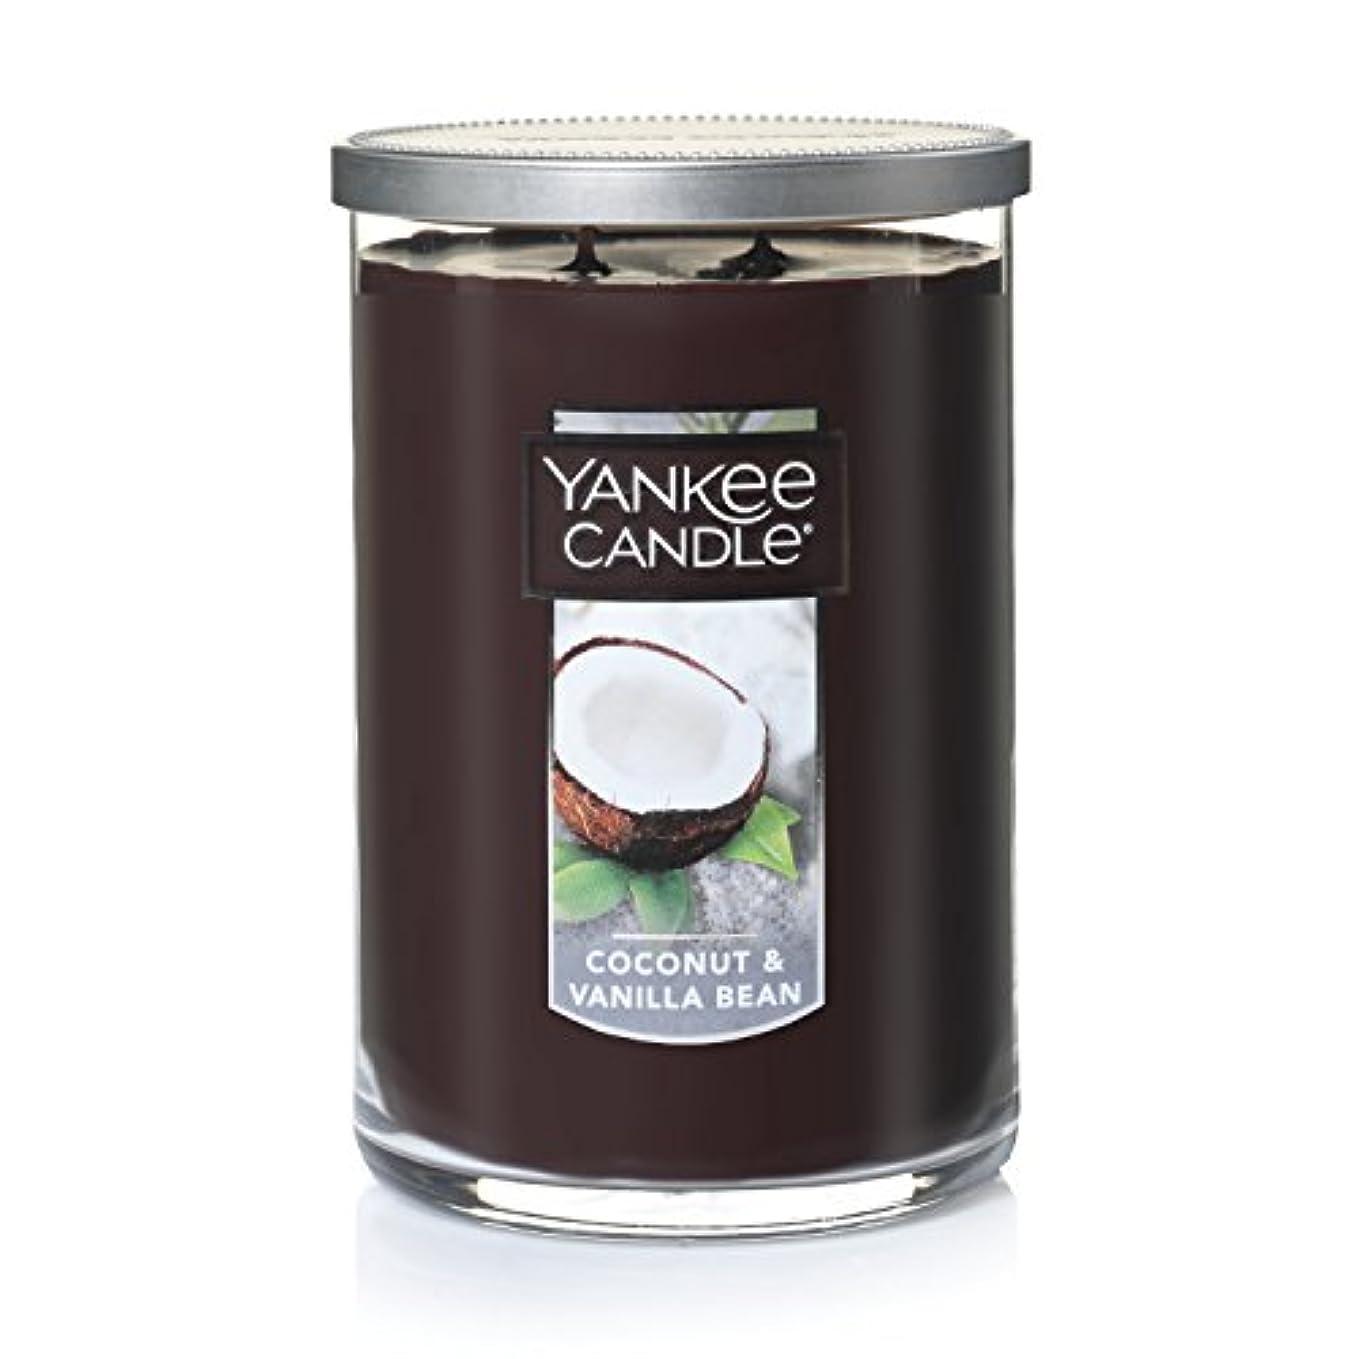 不要プラカードトロイの木馬Yankee Candle Coconut & Vanilla Bean, Food & Spice香り Large 2-Wick Tumbler Candle ブラウン 1284535-YC